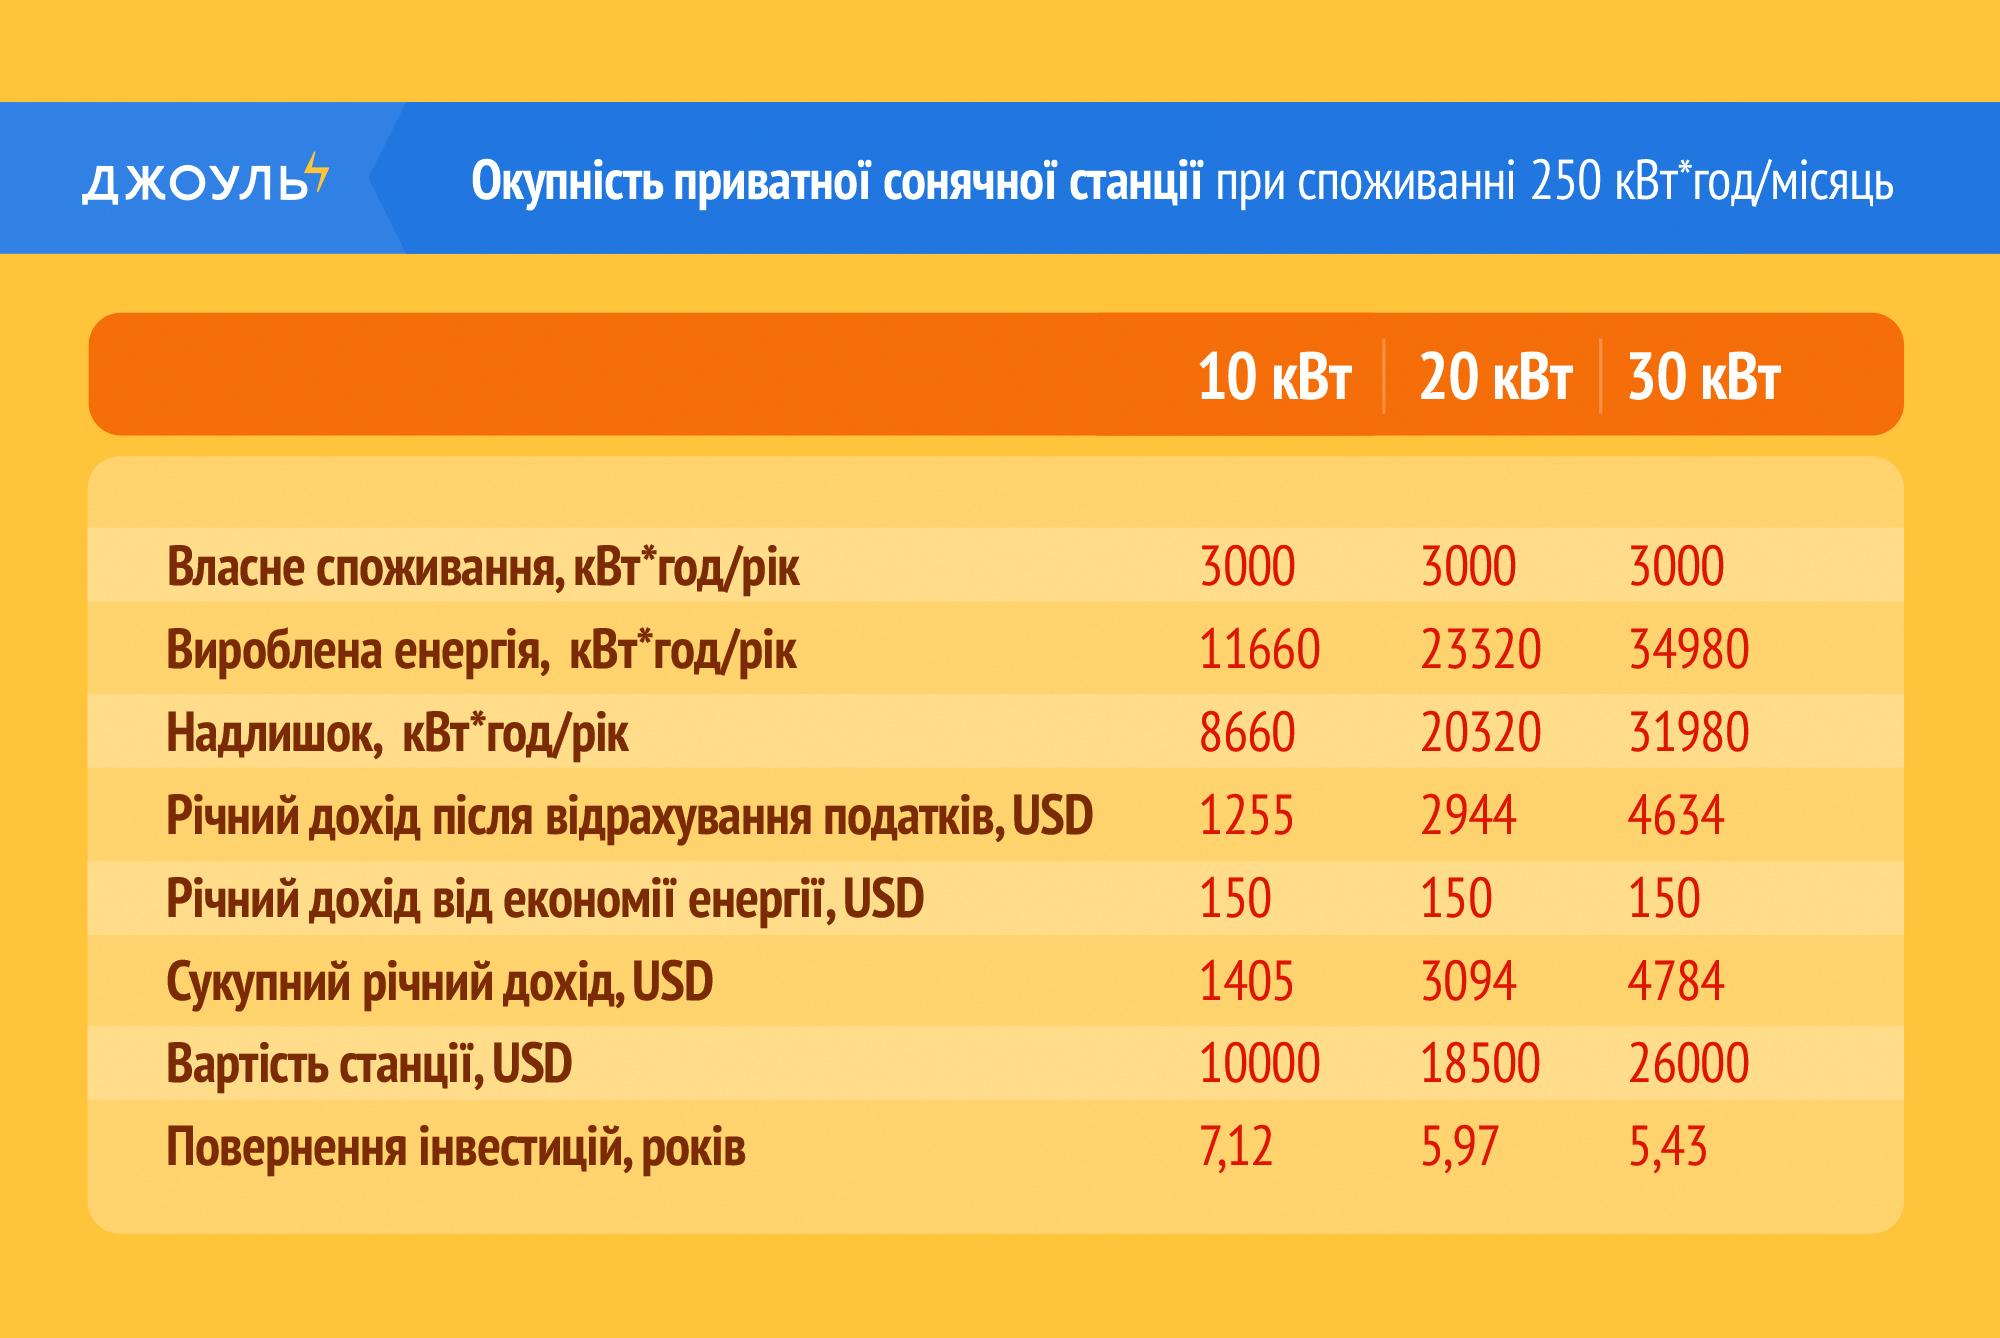 Розрахунок терміну окупності домашньої сонячної станції при споживанні 250 кВтг